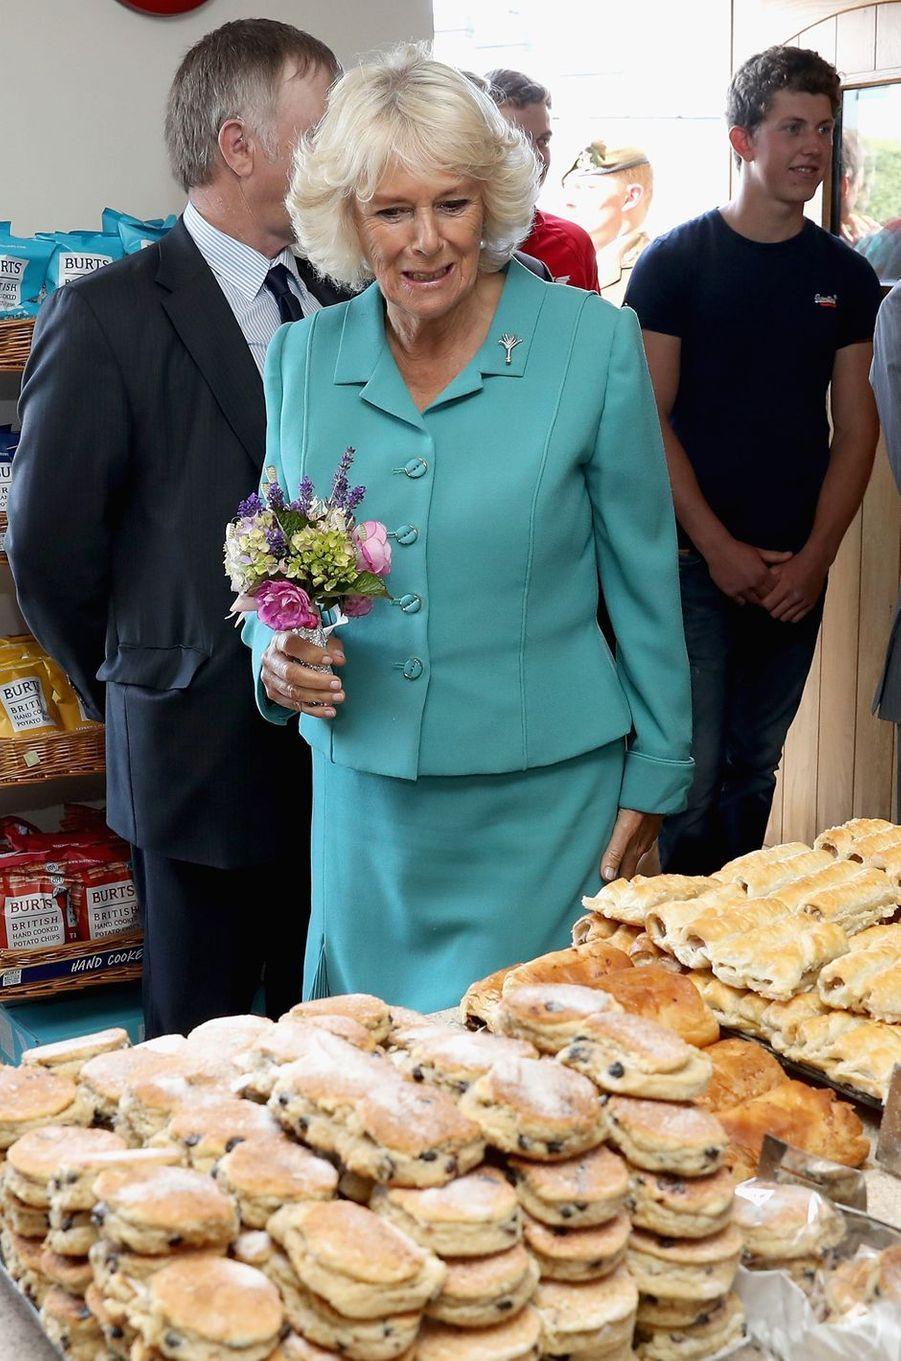 Accompagné de son épouse la duchesse de Cornouailles Camilla, le prince Charles a rejoint le Pays de Galles, comme chaque année à cette même période. Avec au programme, entre autres rendez-vous, la visite d'une boulangerie ce mardi 5 juillet.